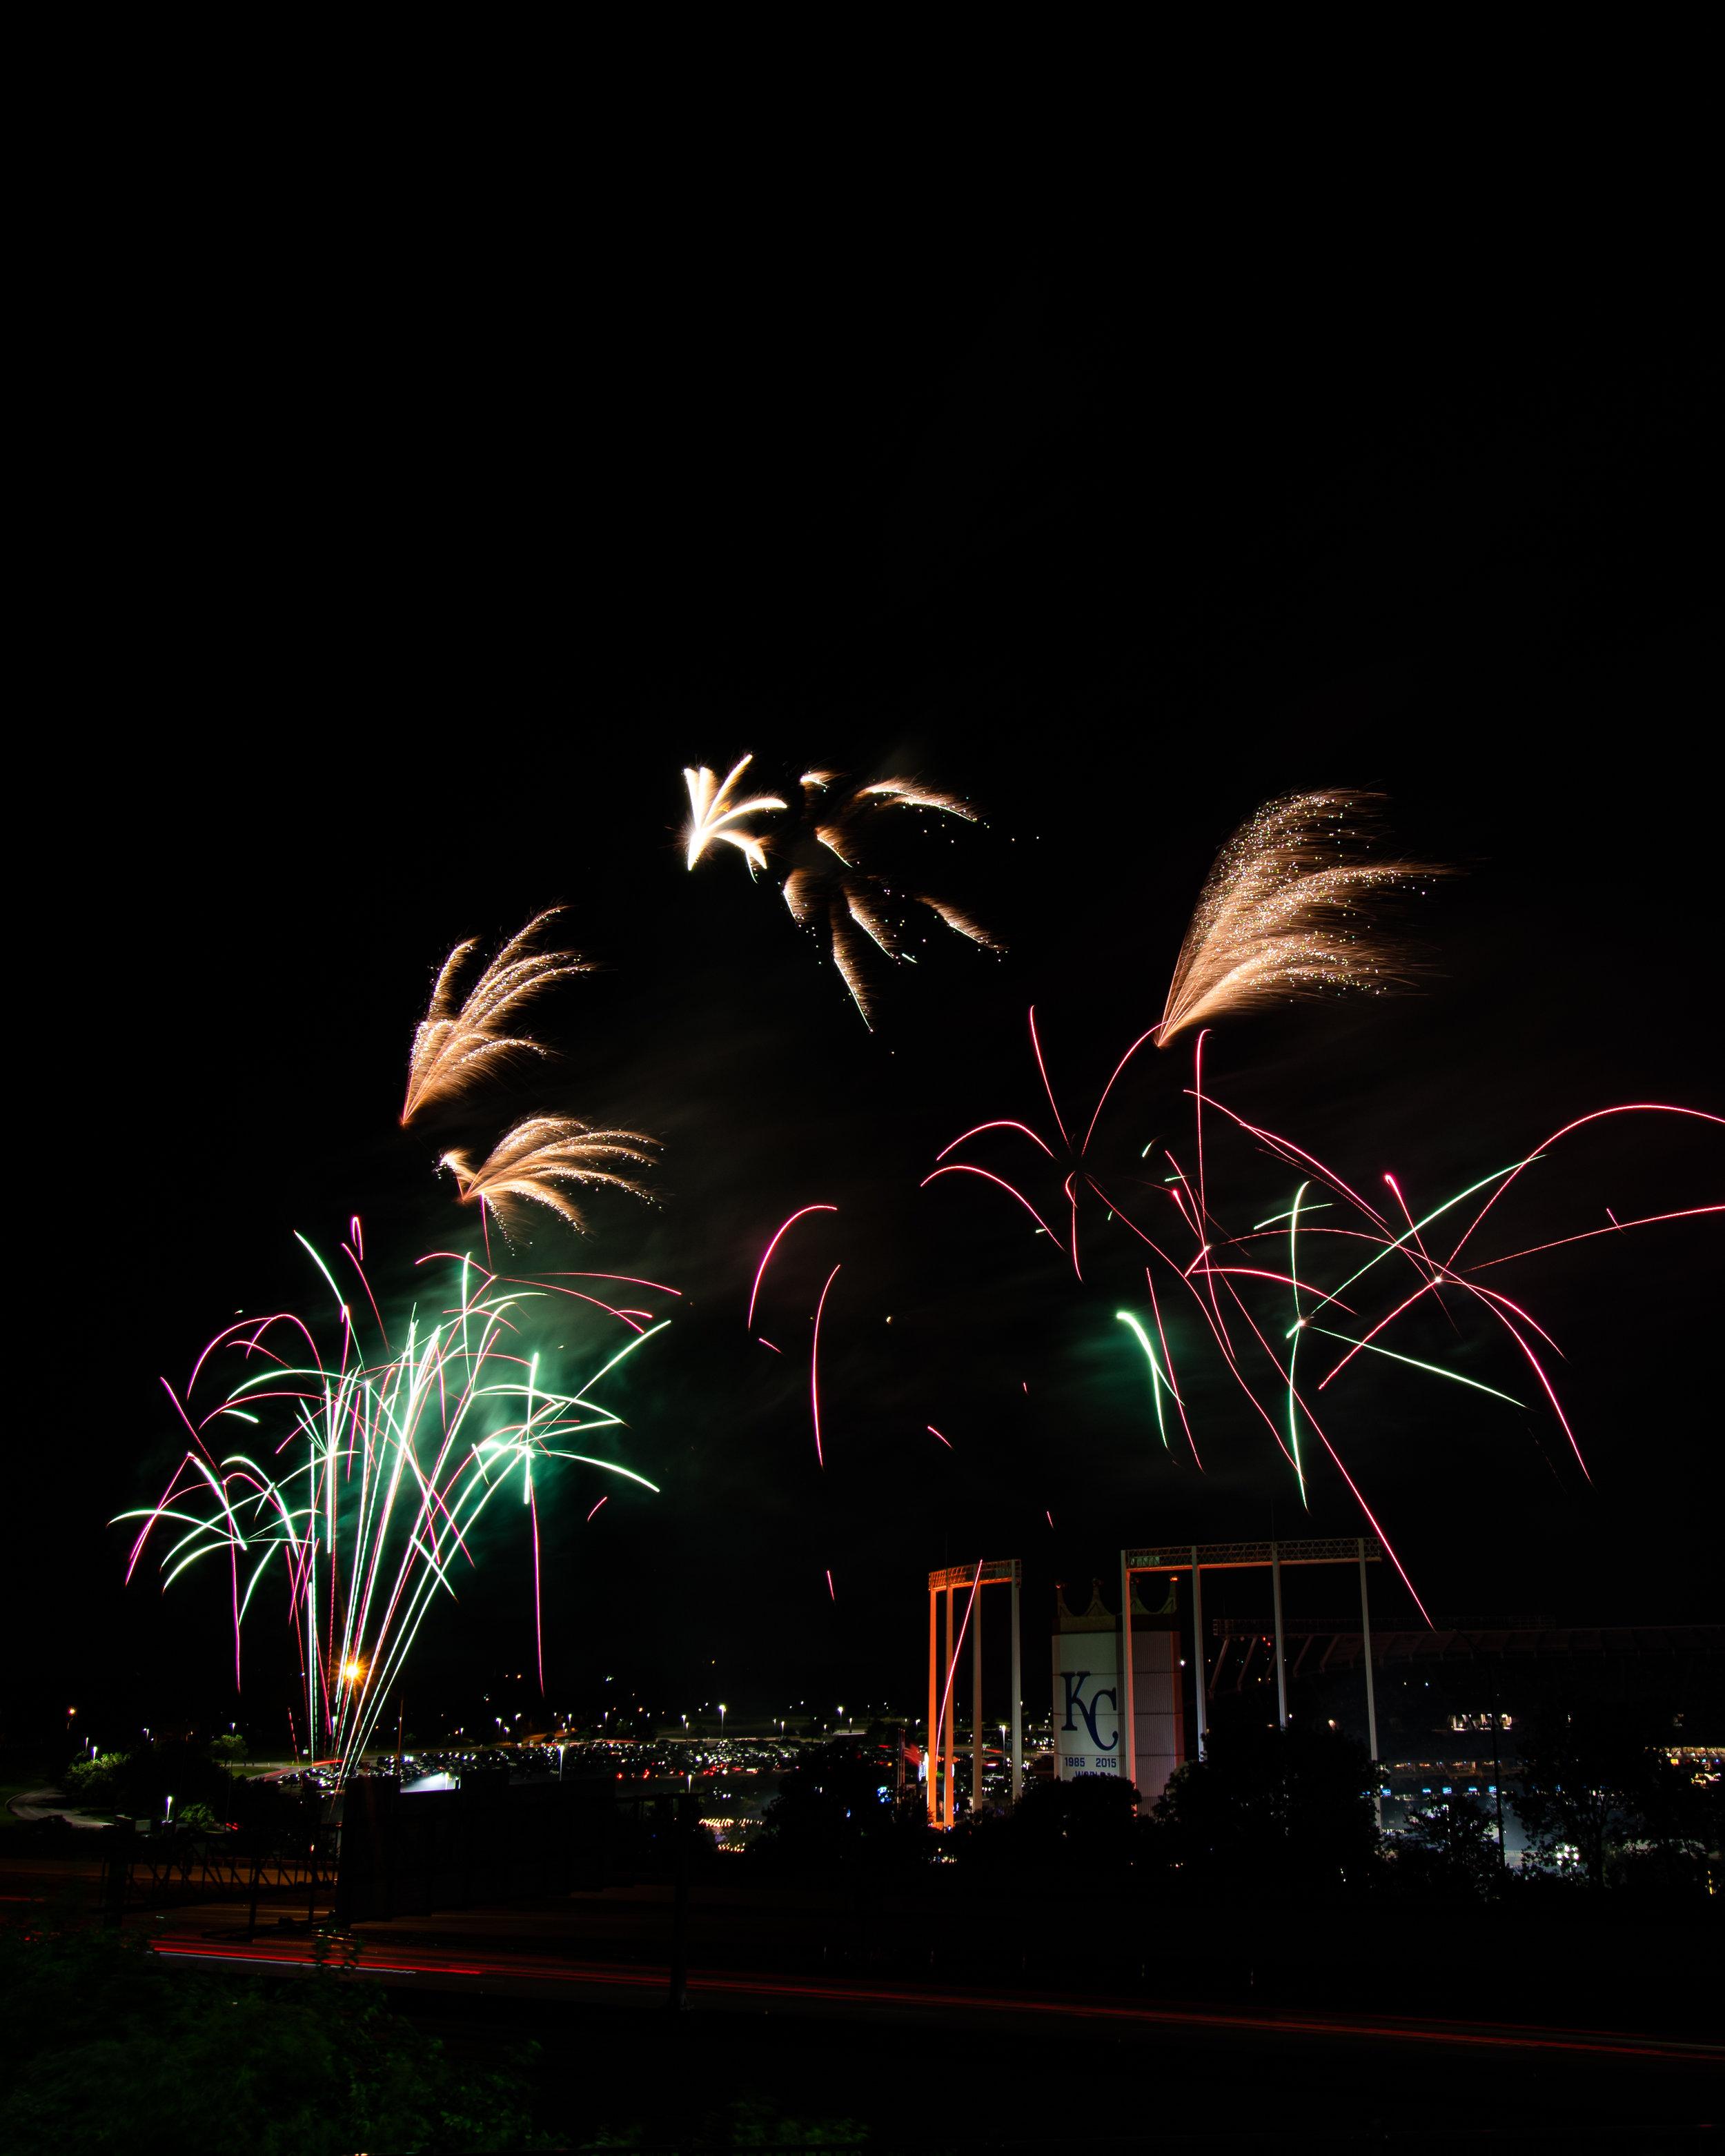 firework-friday-31-of-51_48108322073_o.jpg